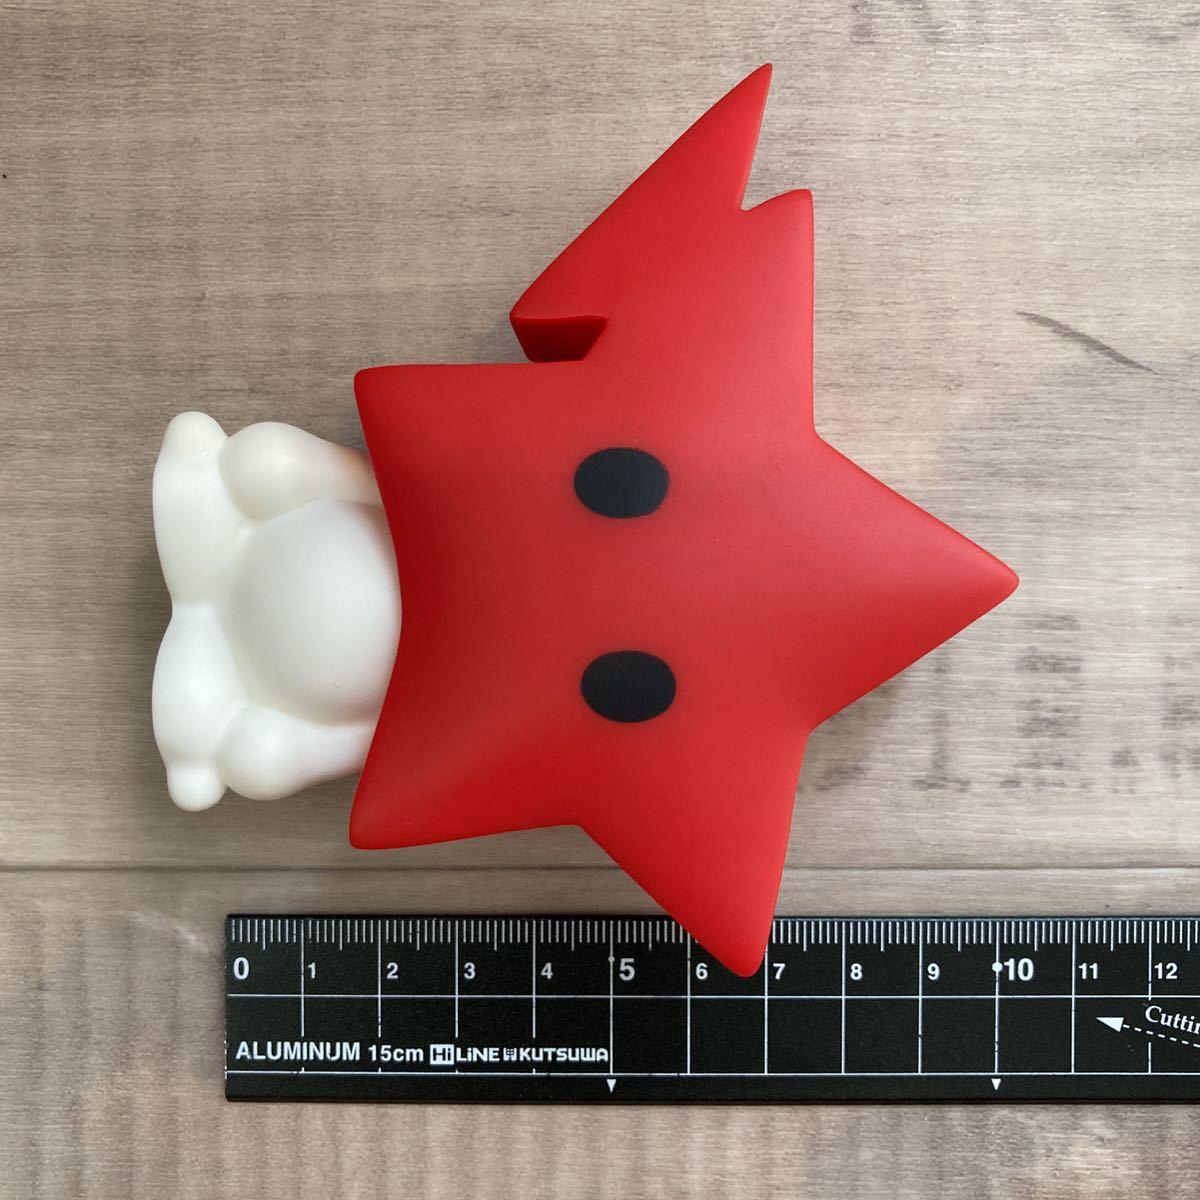 ★激レア★ bapesta フィギュア a bathing ape bape play sta エイプ ベイプ アベイシングエイプ スター star figure nigo Red 7md